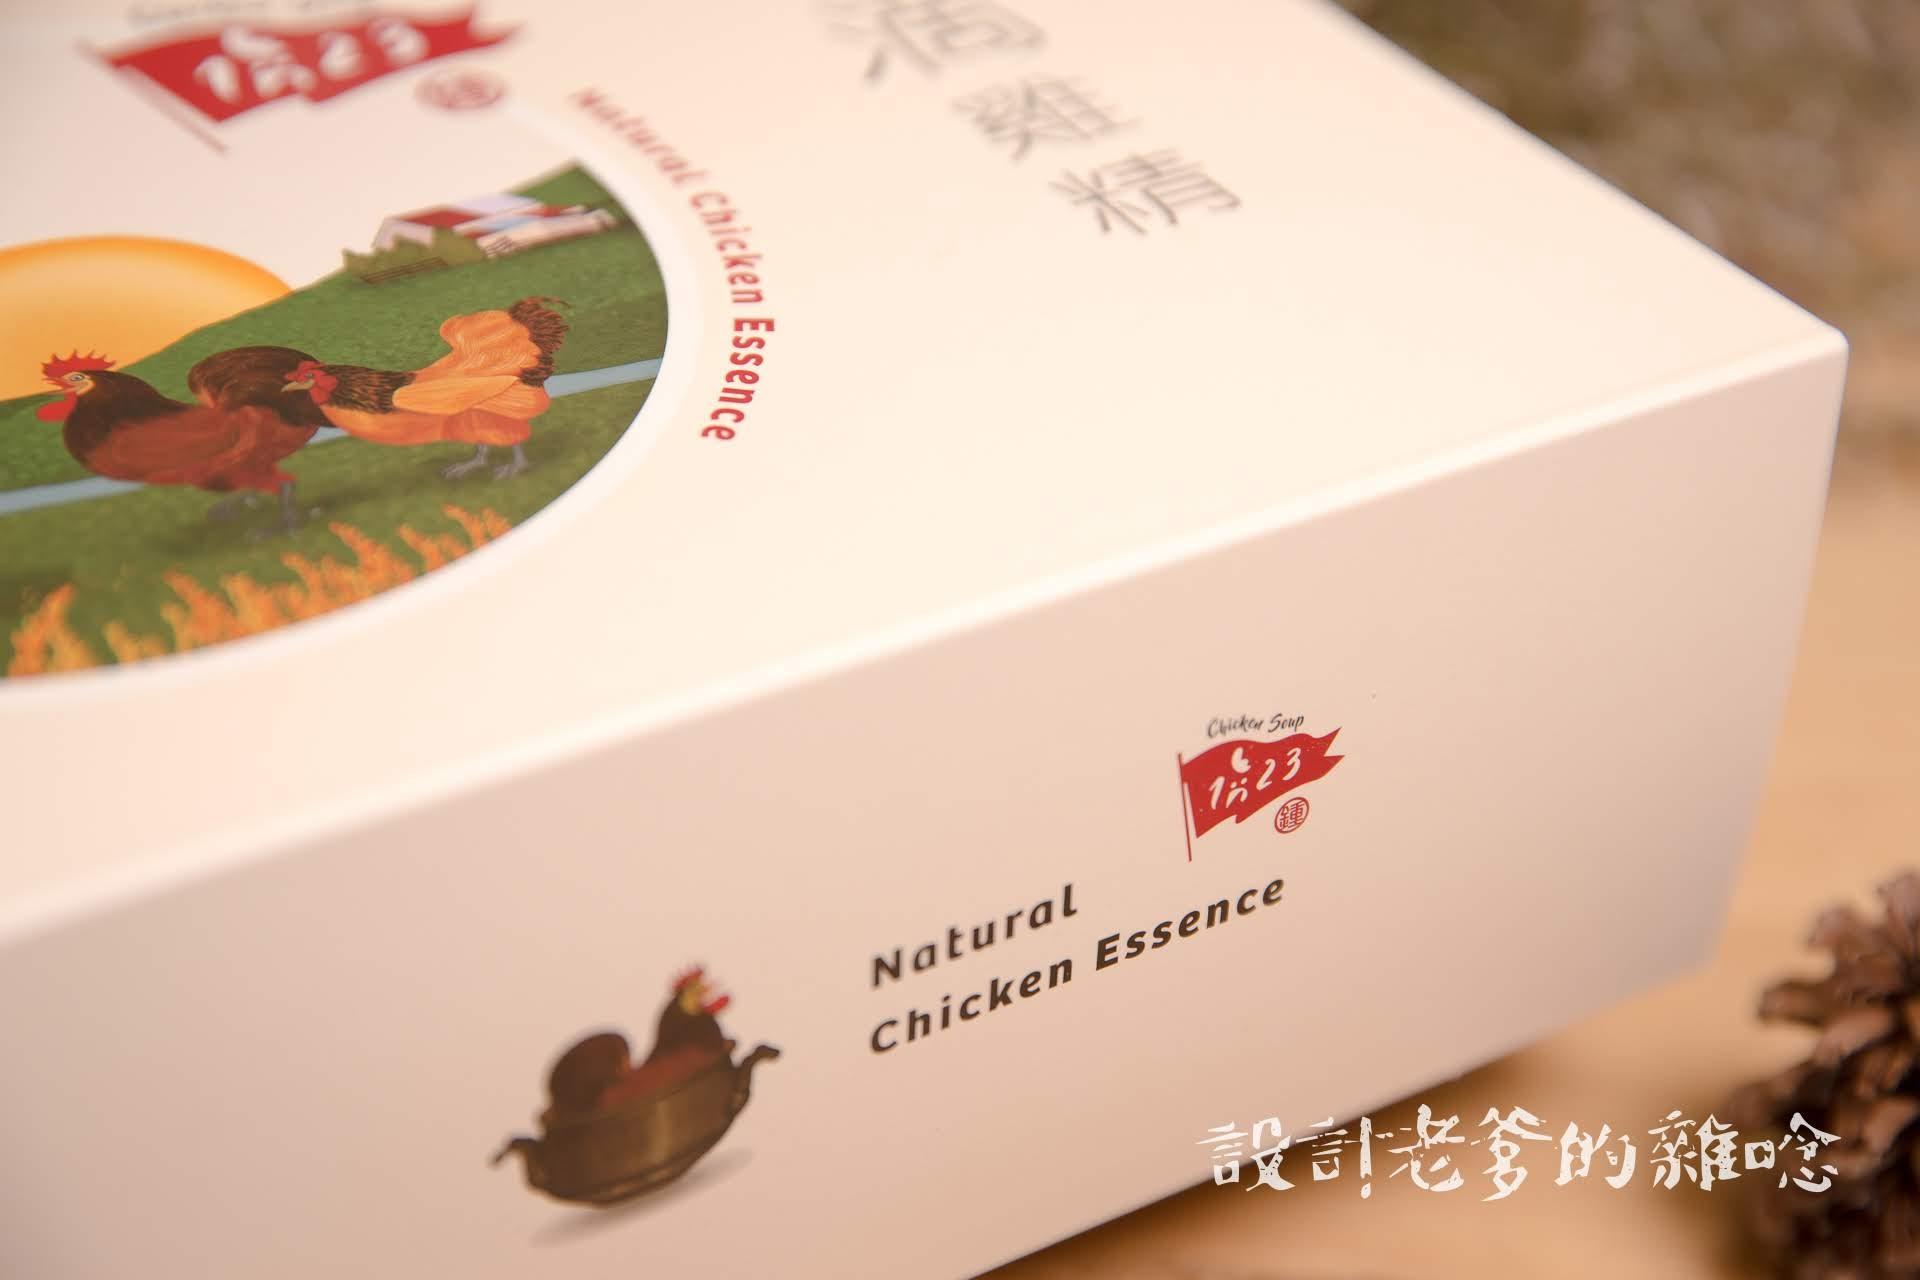 微涼天的金色能量!123雞式燴社...純粹精華,滋補養身滴雞精!